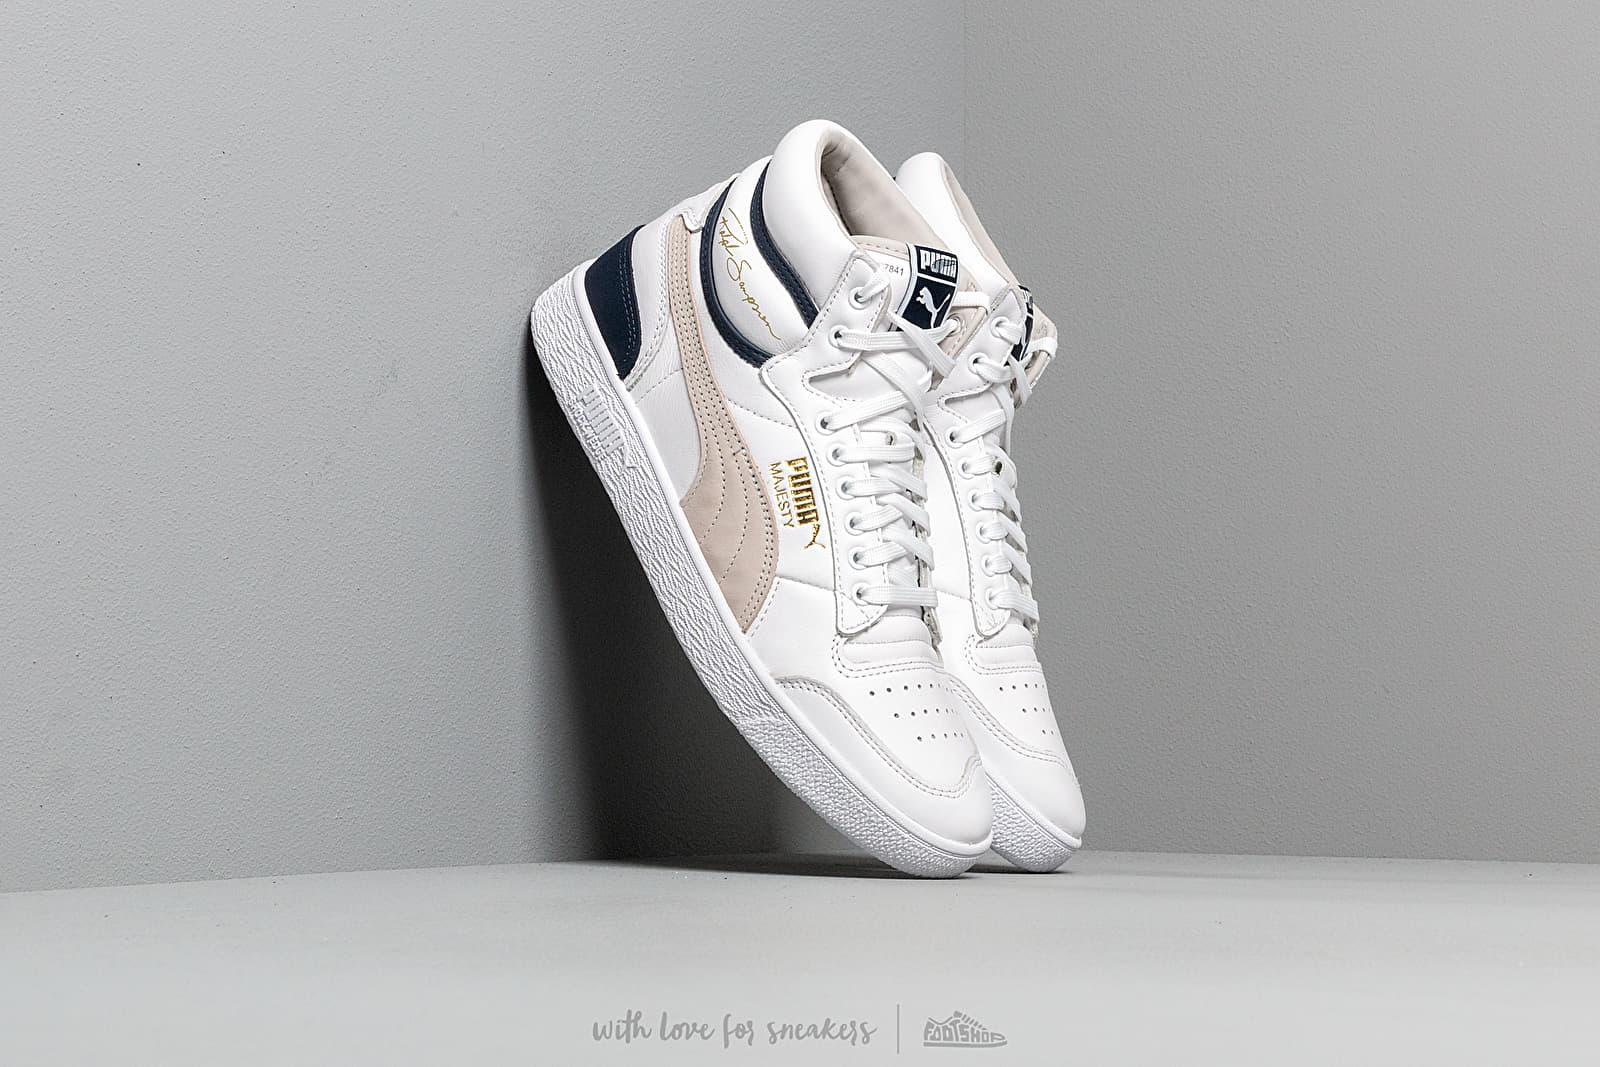 Puma x Ralph Sampson Mid OG Puma White/ Gray Violet/ Peacoat za skvělou cenu 2 890 Kč koupíte na Footshop.cz